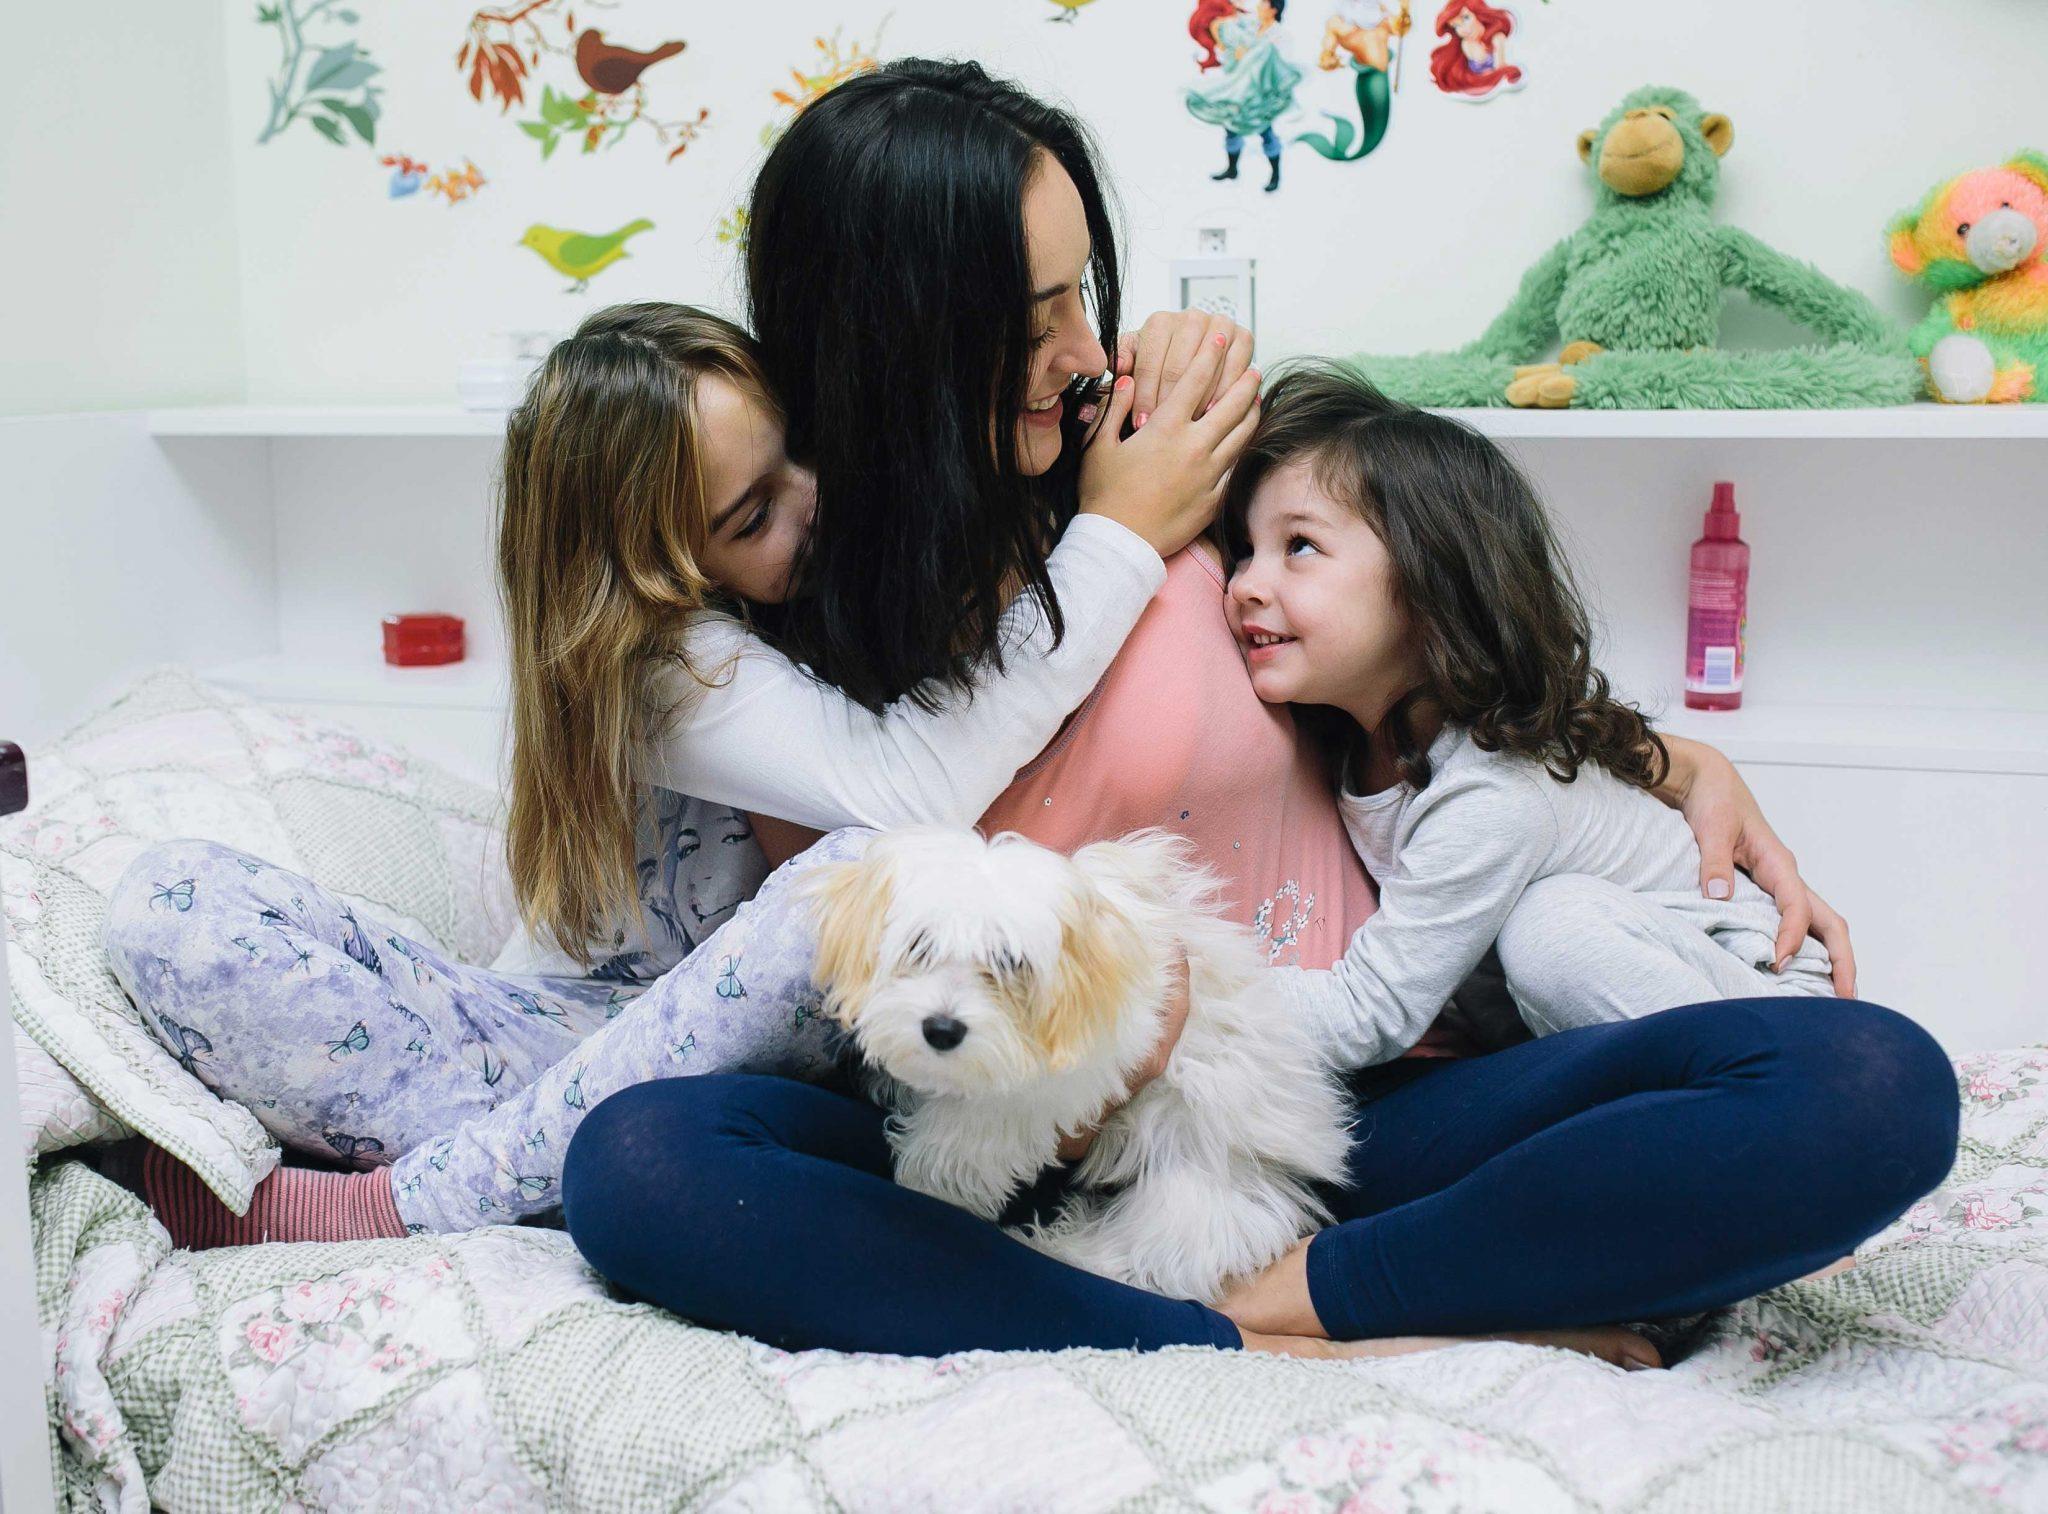 """ביהמ""""ש דחה בקשה של אב להפחתה זמנית של מזונות ילדיו הקטינים שנקבעו על-ידי הצדדים במסגרת הסכם גירושין"""